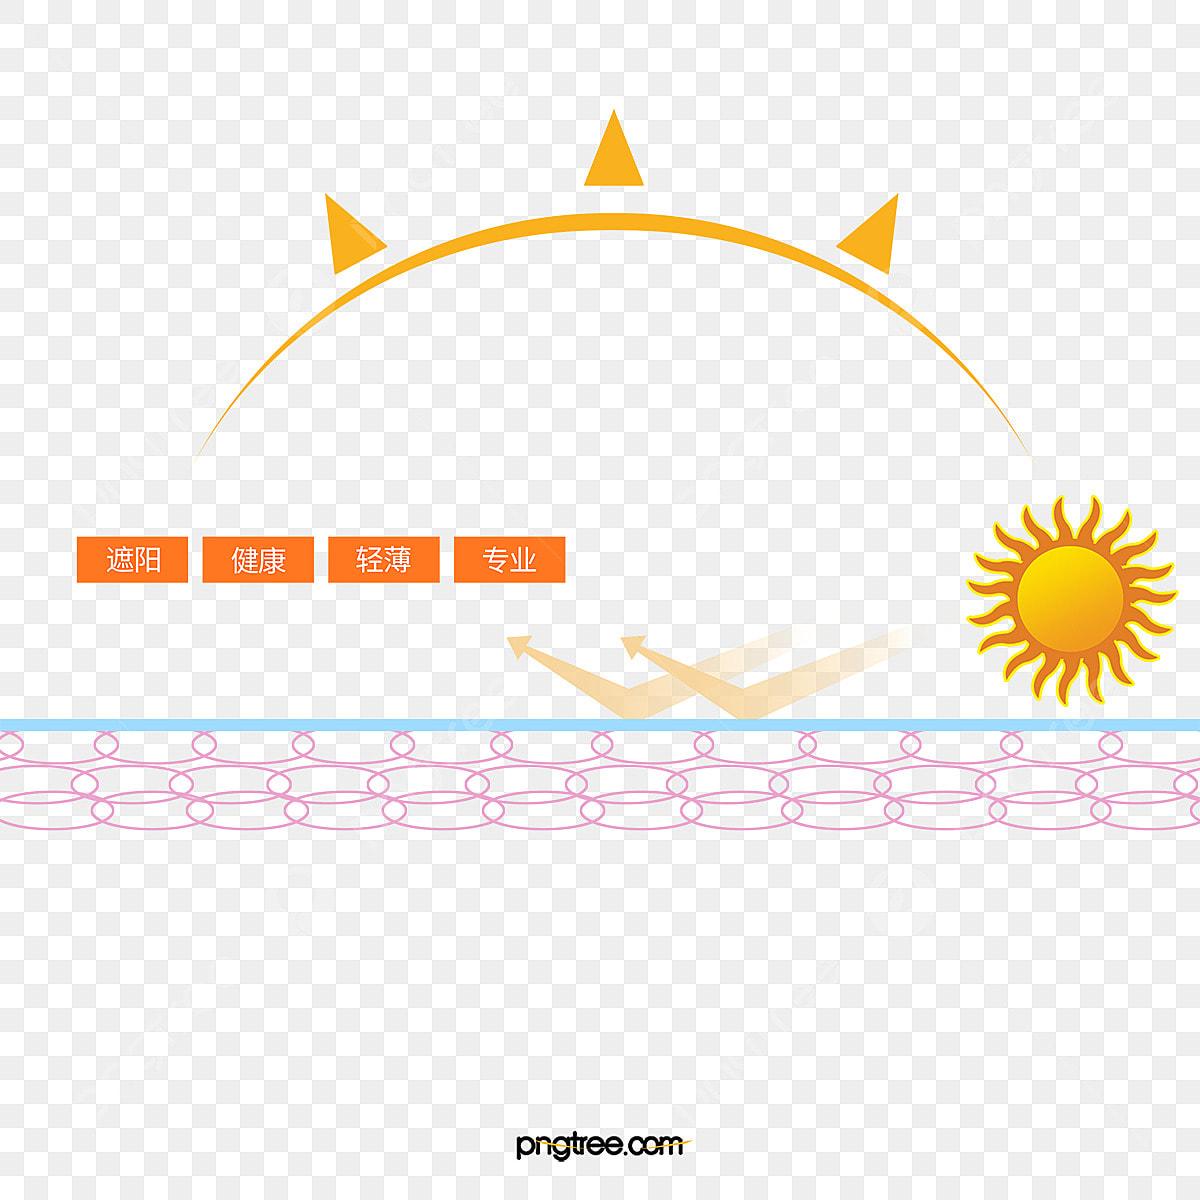 Sunscreen Schematic, Sun, Refraction, Sunlight PNG